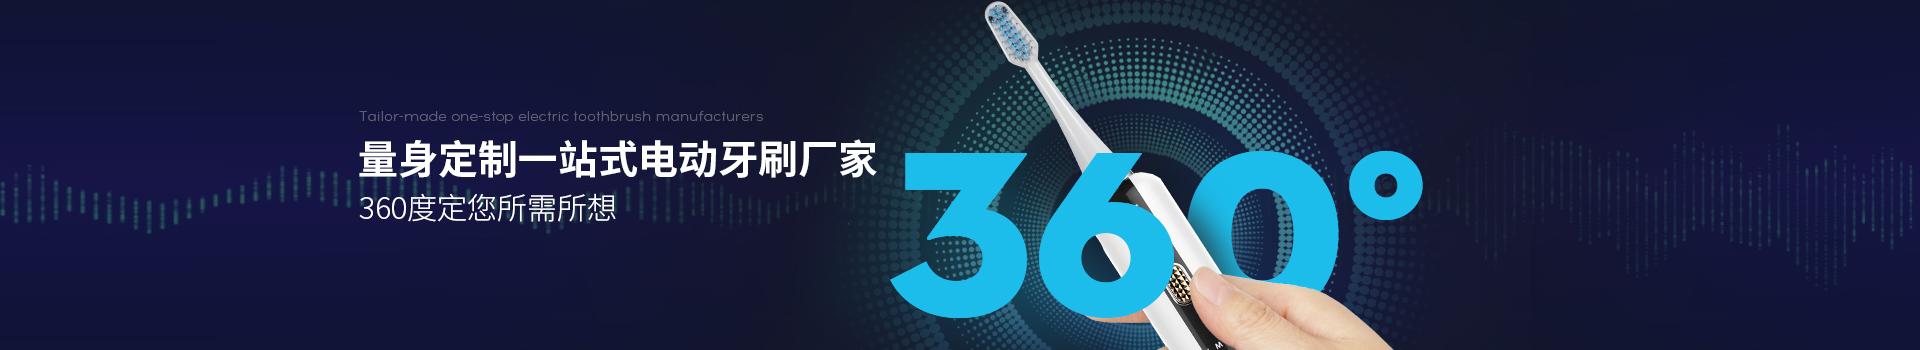 量身定制一站式电动牙刷厂家